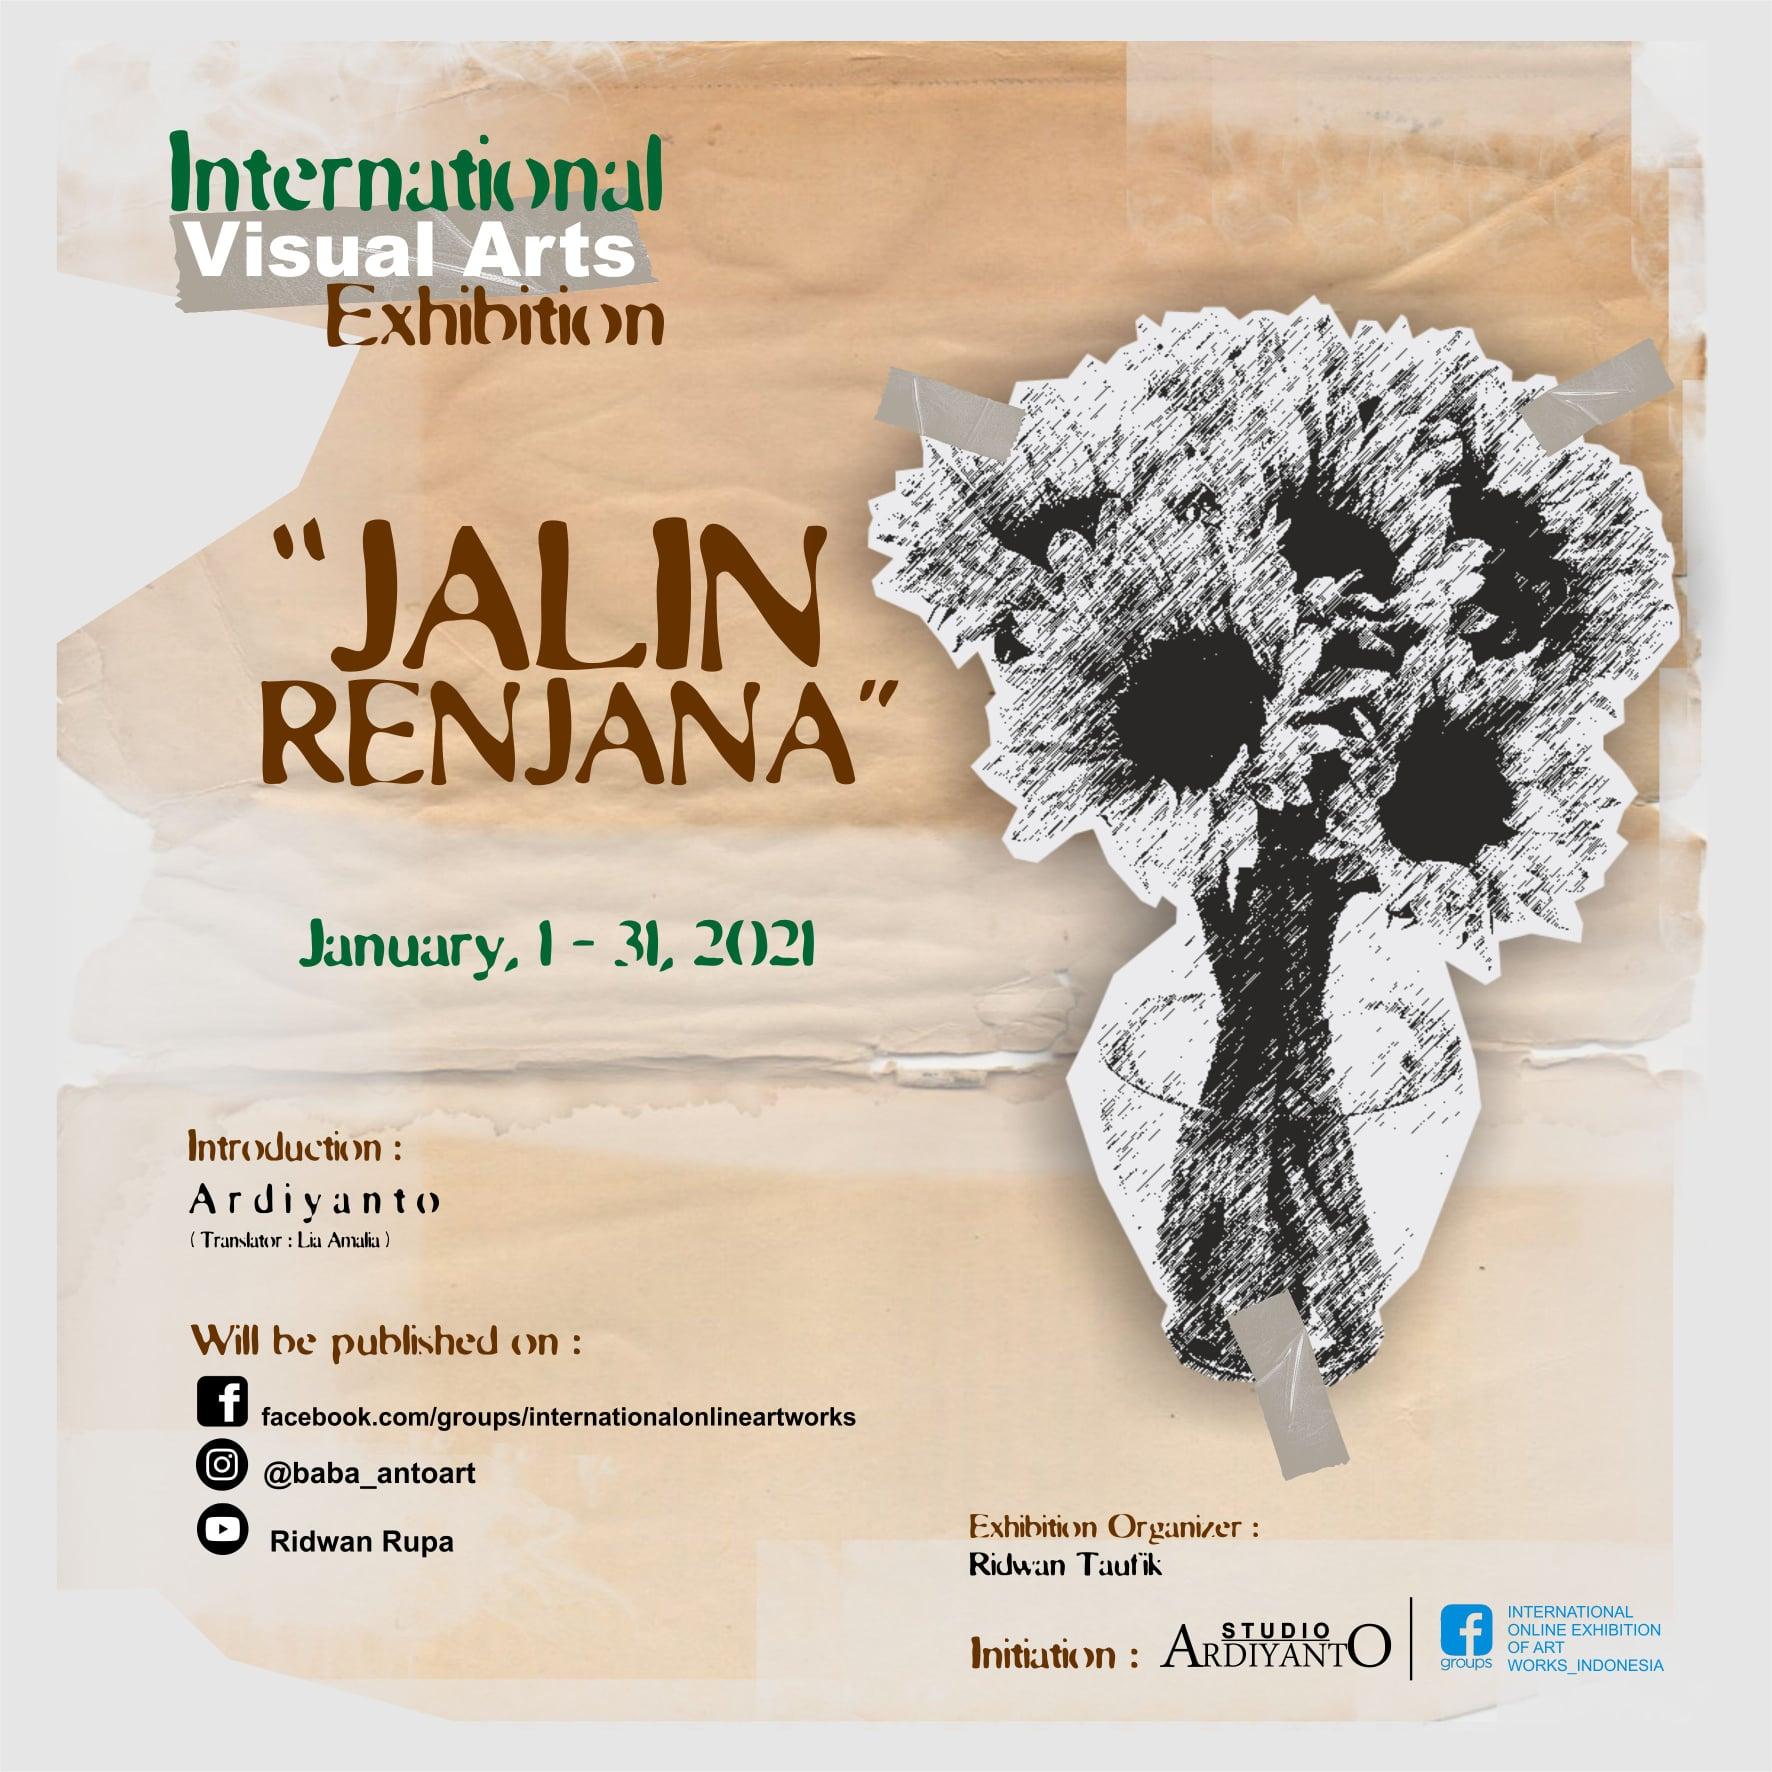 Exposition virtuelle de peintre du monde entier